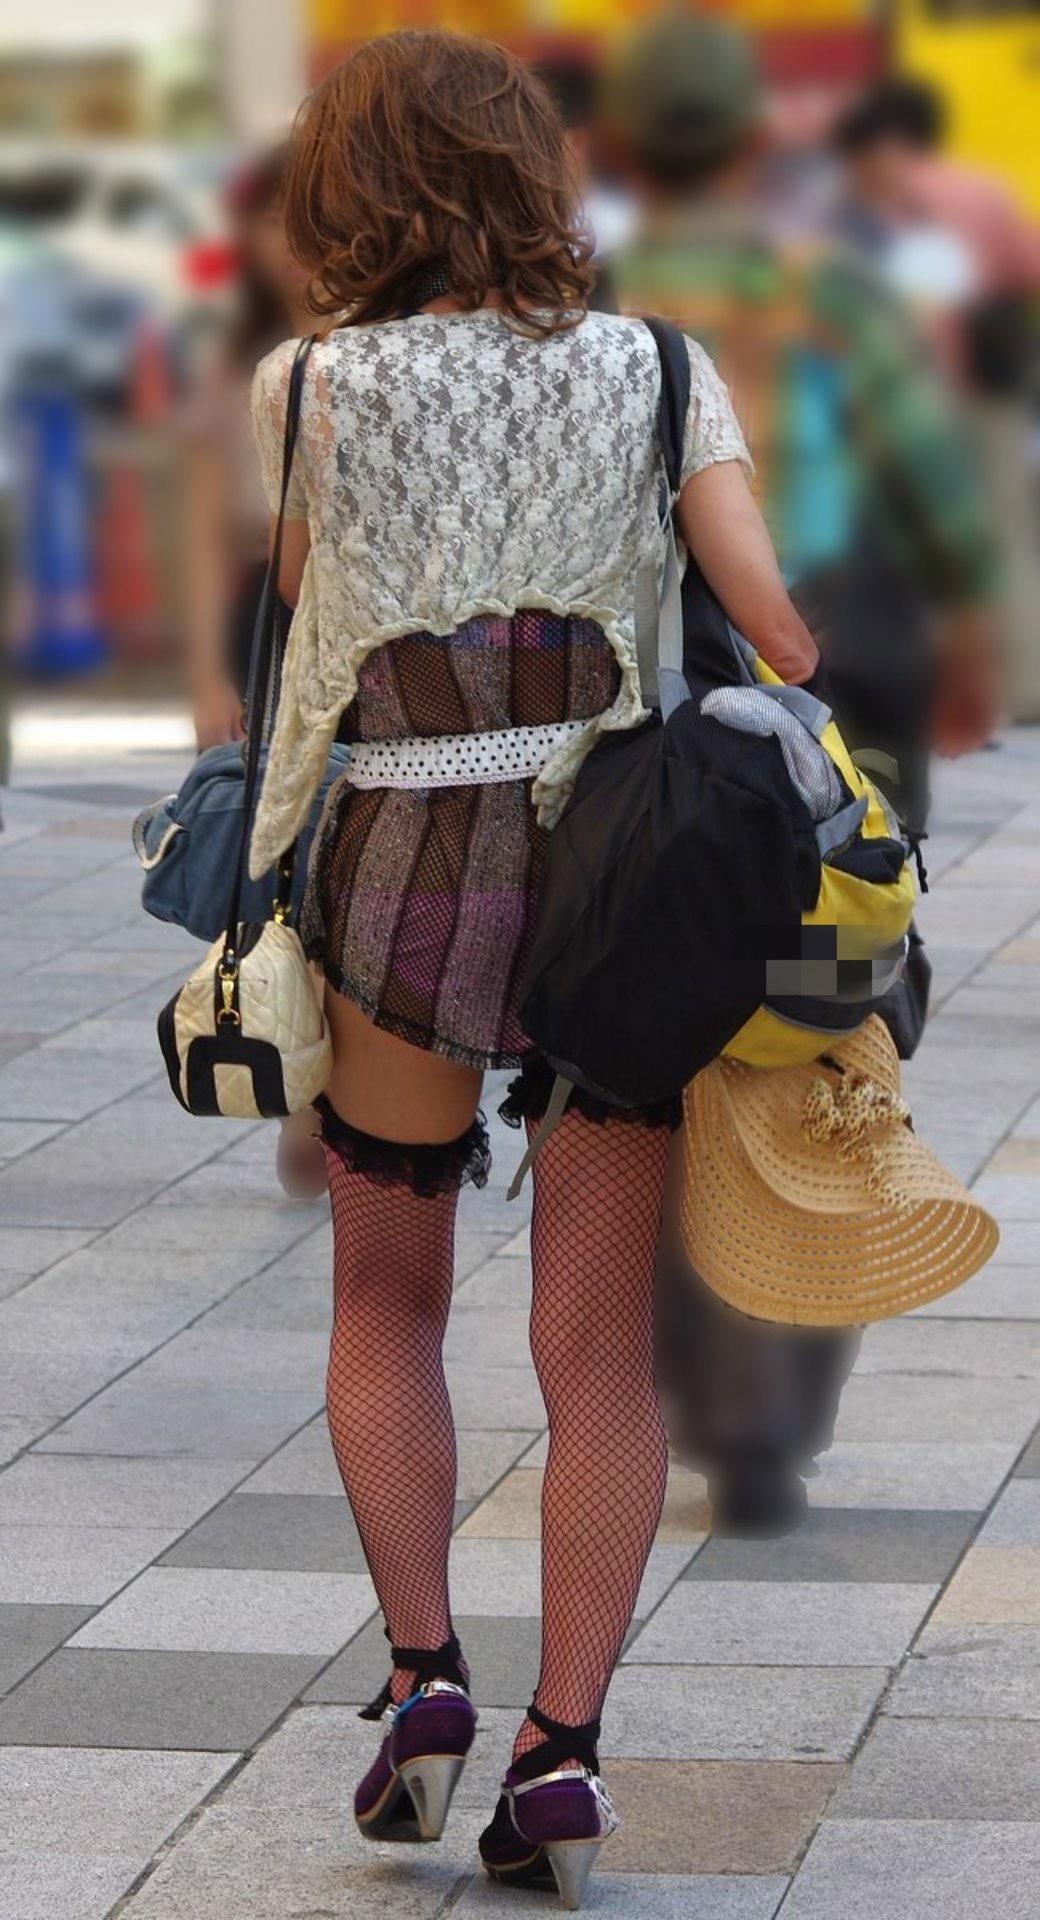 (透けパンツ丸見え写真)自分の履いてるパンツアピールしまくってるオンナ達